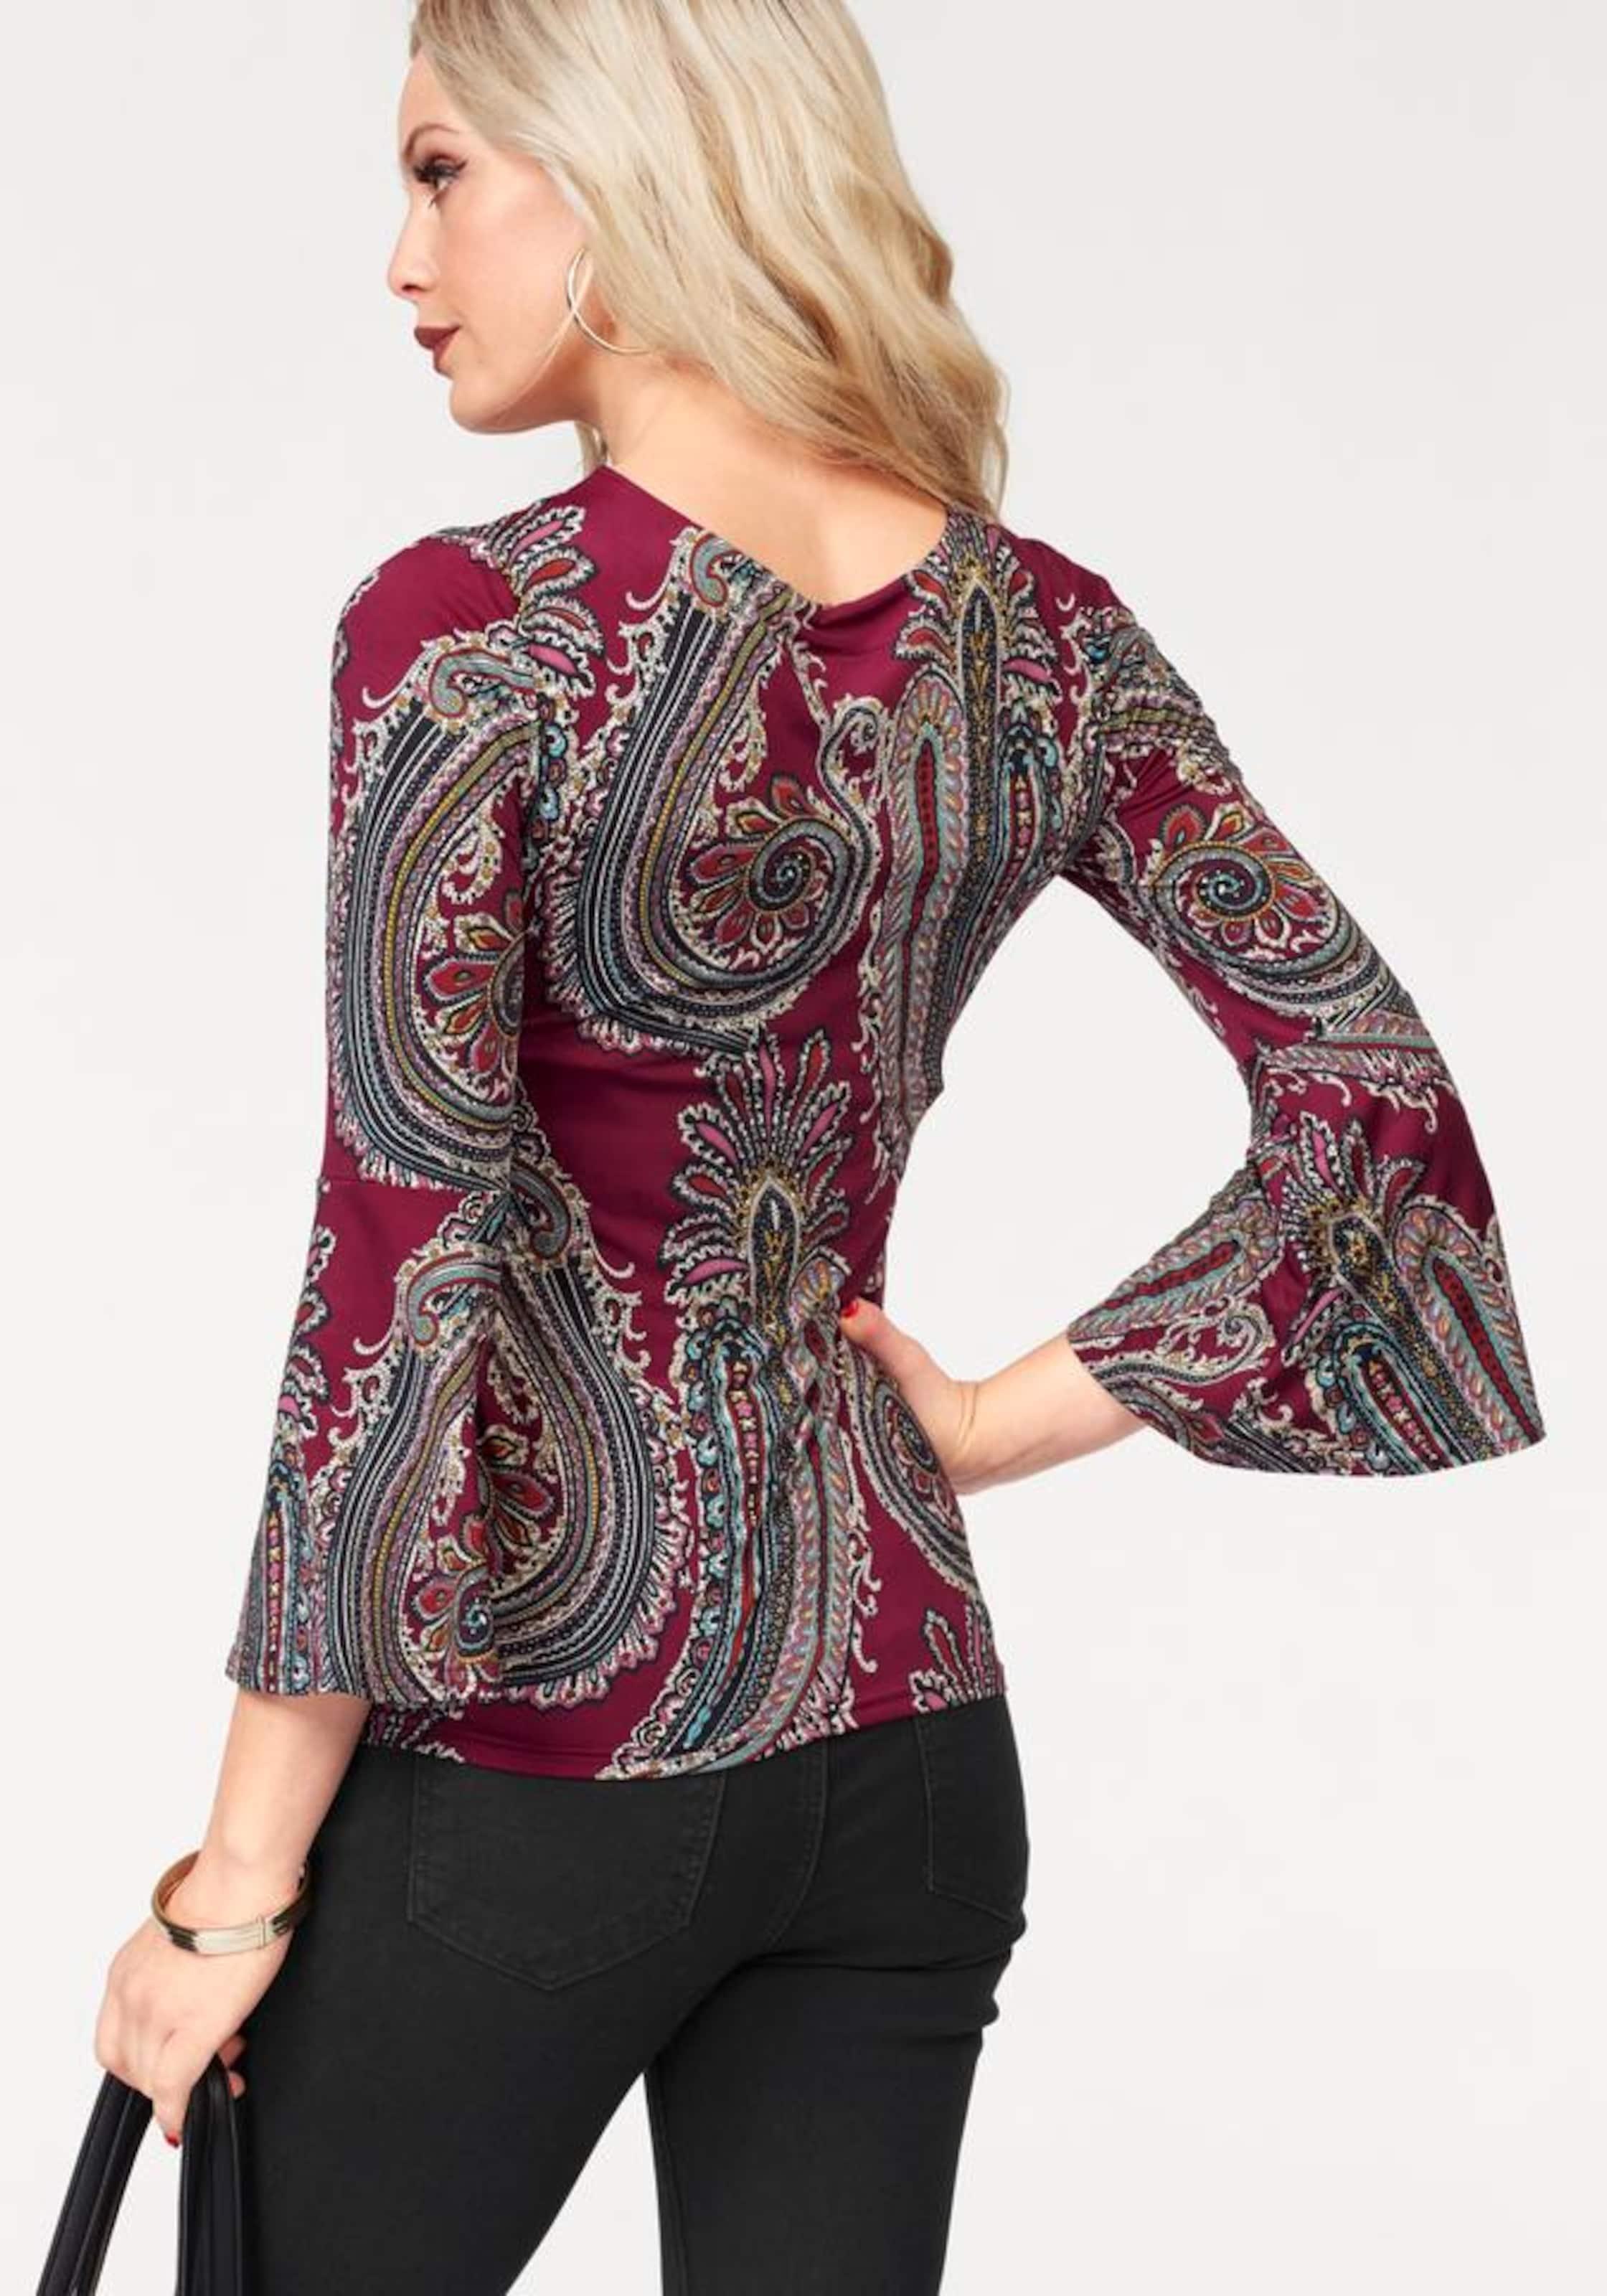 MELROSE Shirt Paisley Großhandelspreis Exklusiv Billig Verkauf Ausgezeichnet RwIOmaAi